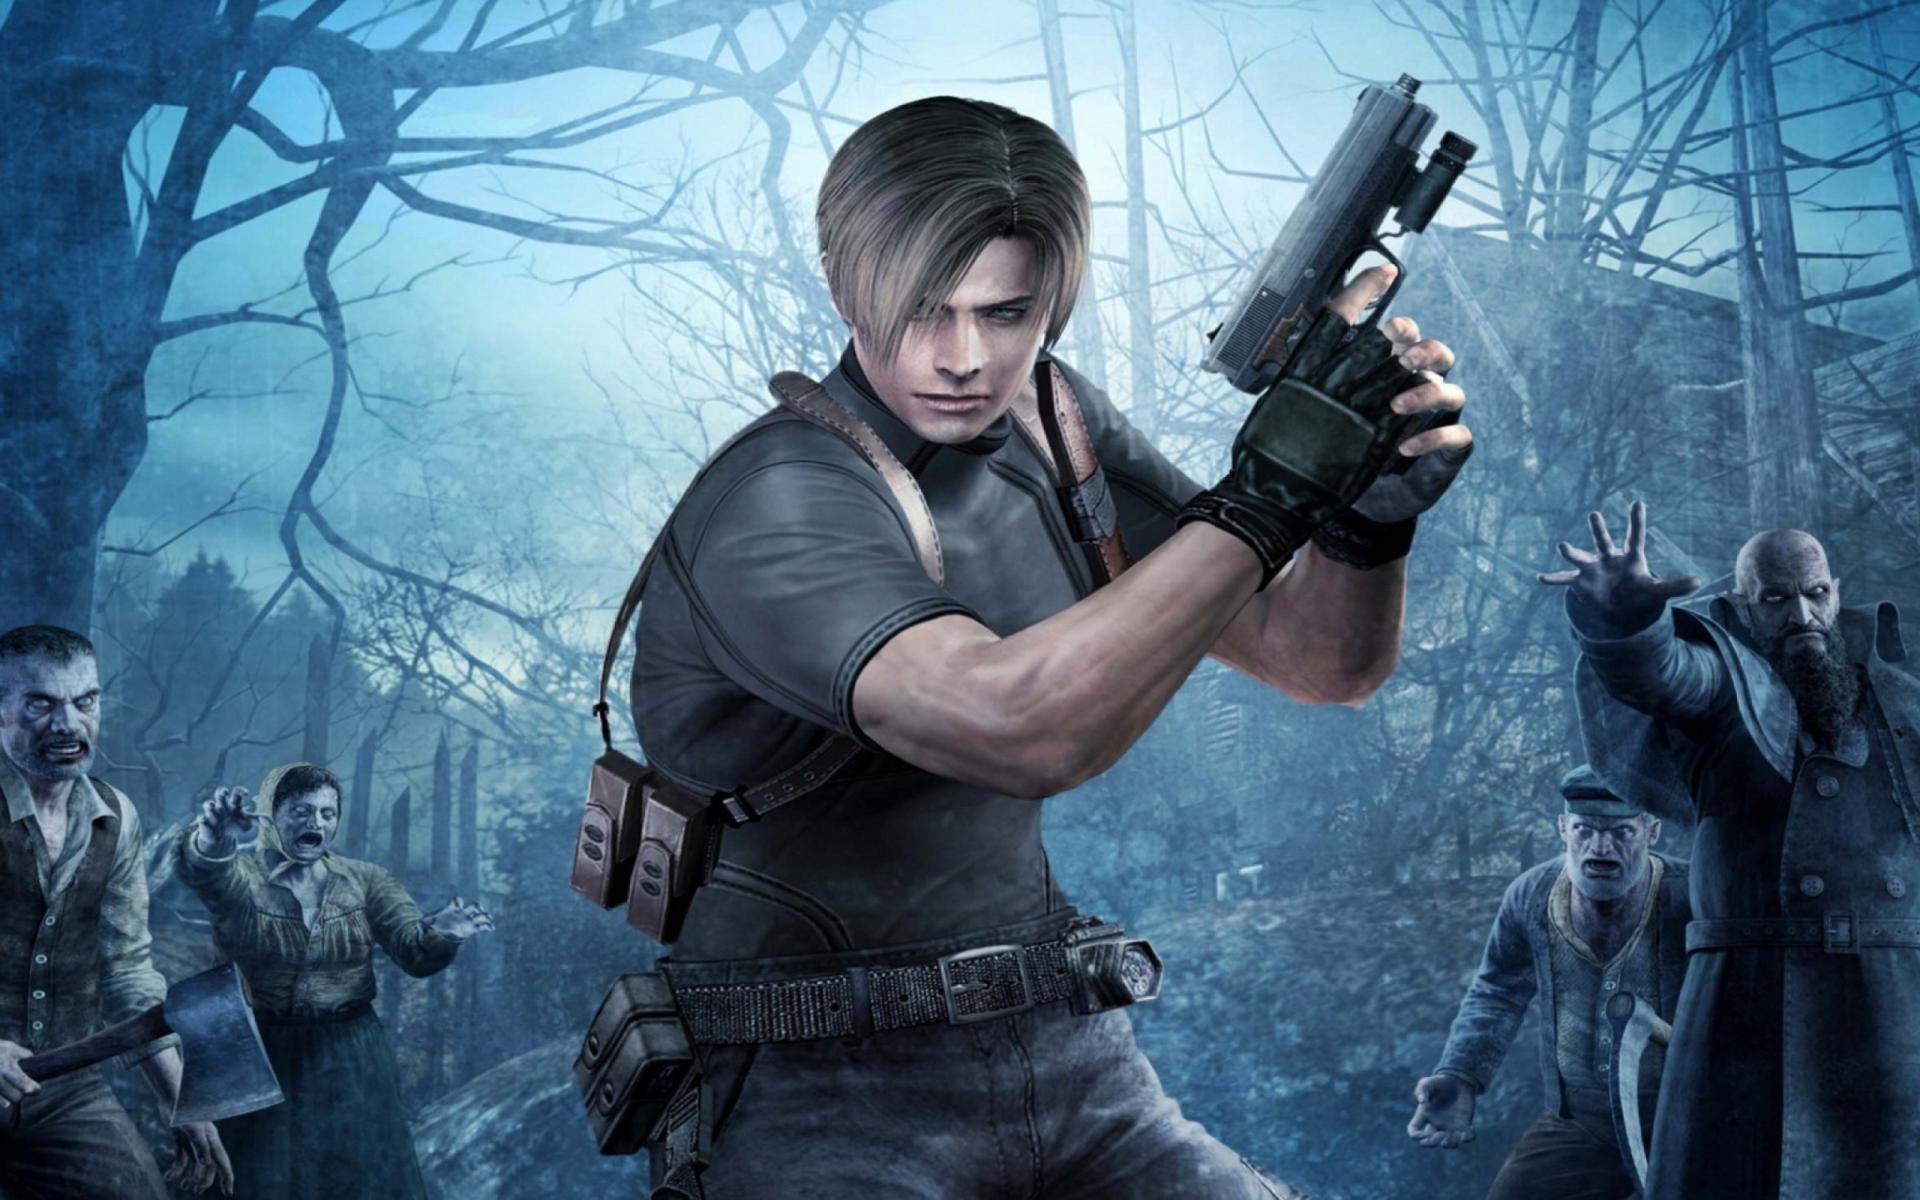 Уремейка Resident Evil 4 возникли проблемы. Проект частичноперезапустили